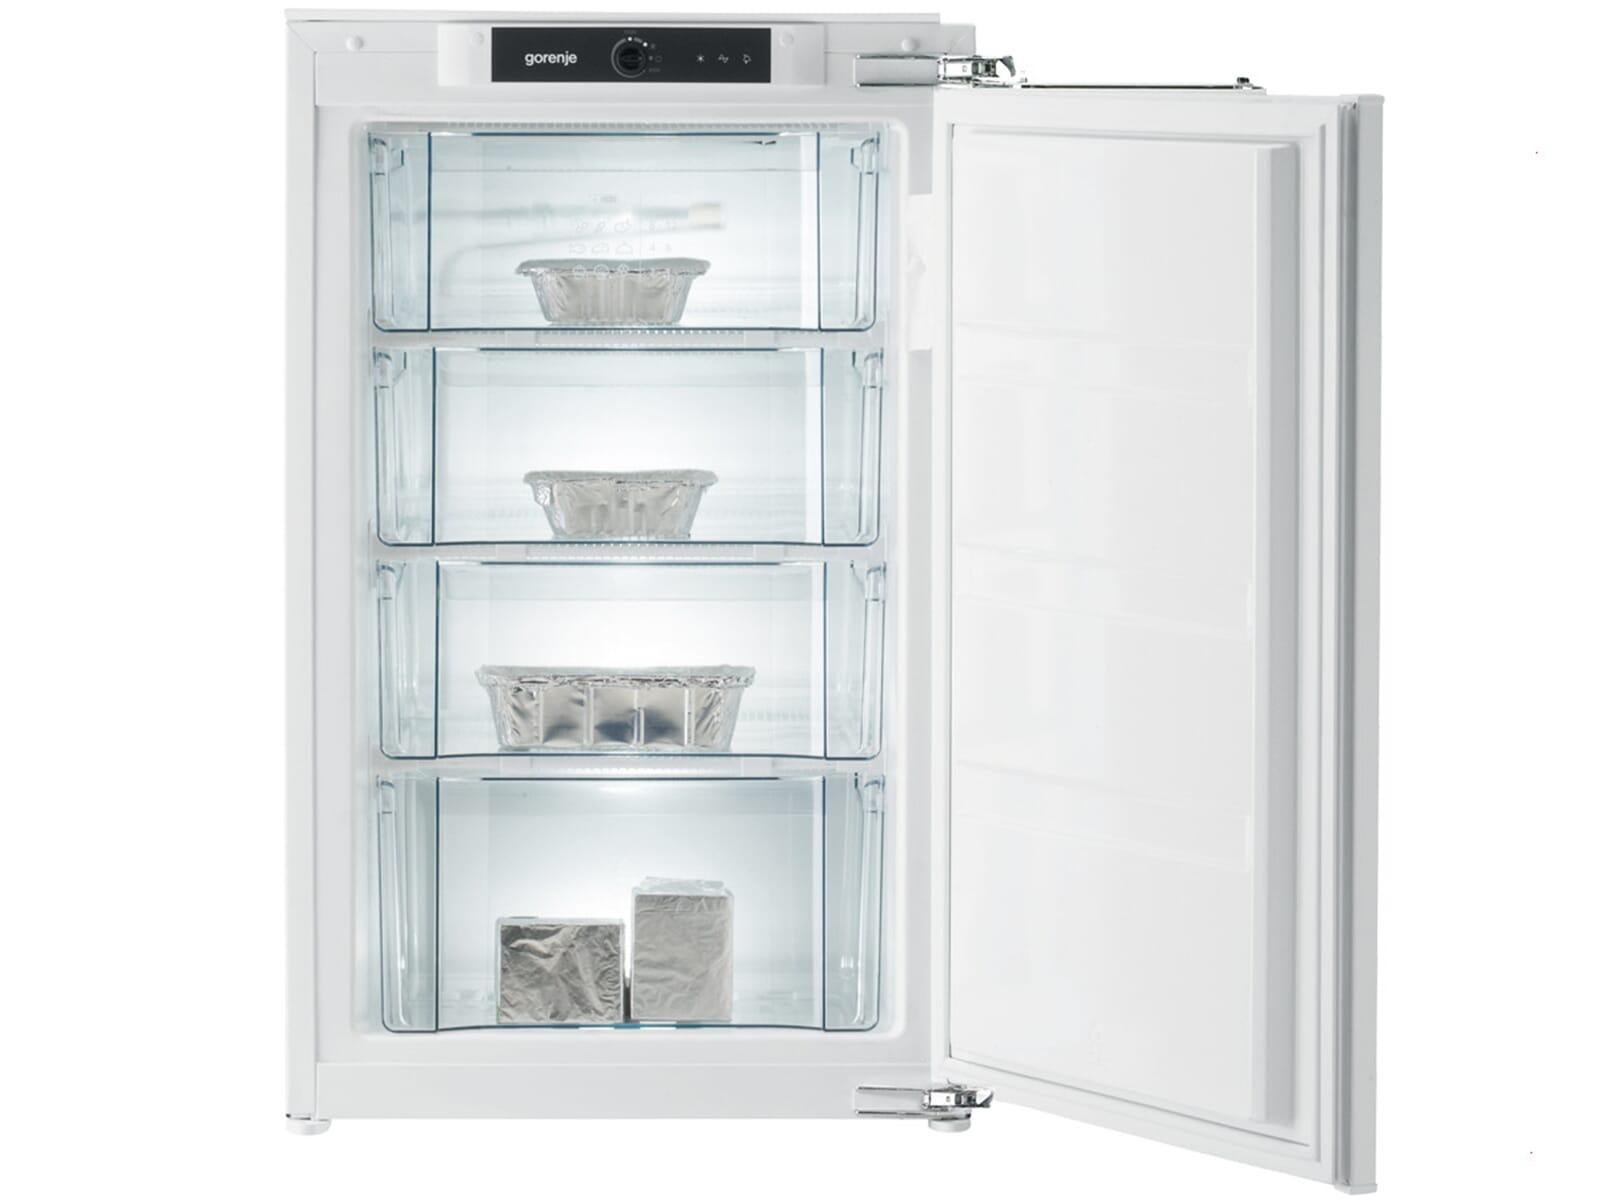 Gorenje Kühlschrank Schalter Funktion : Gorenje fi aw einbaugefrierschrank